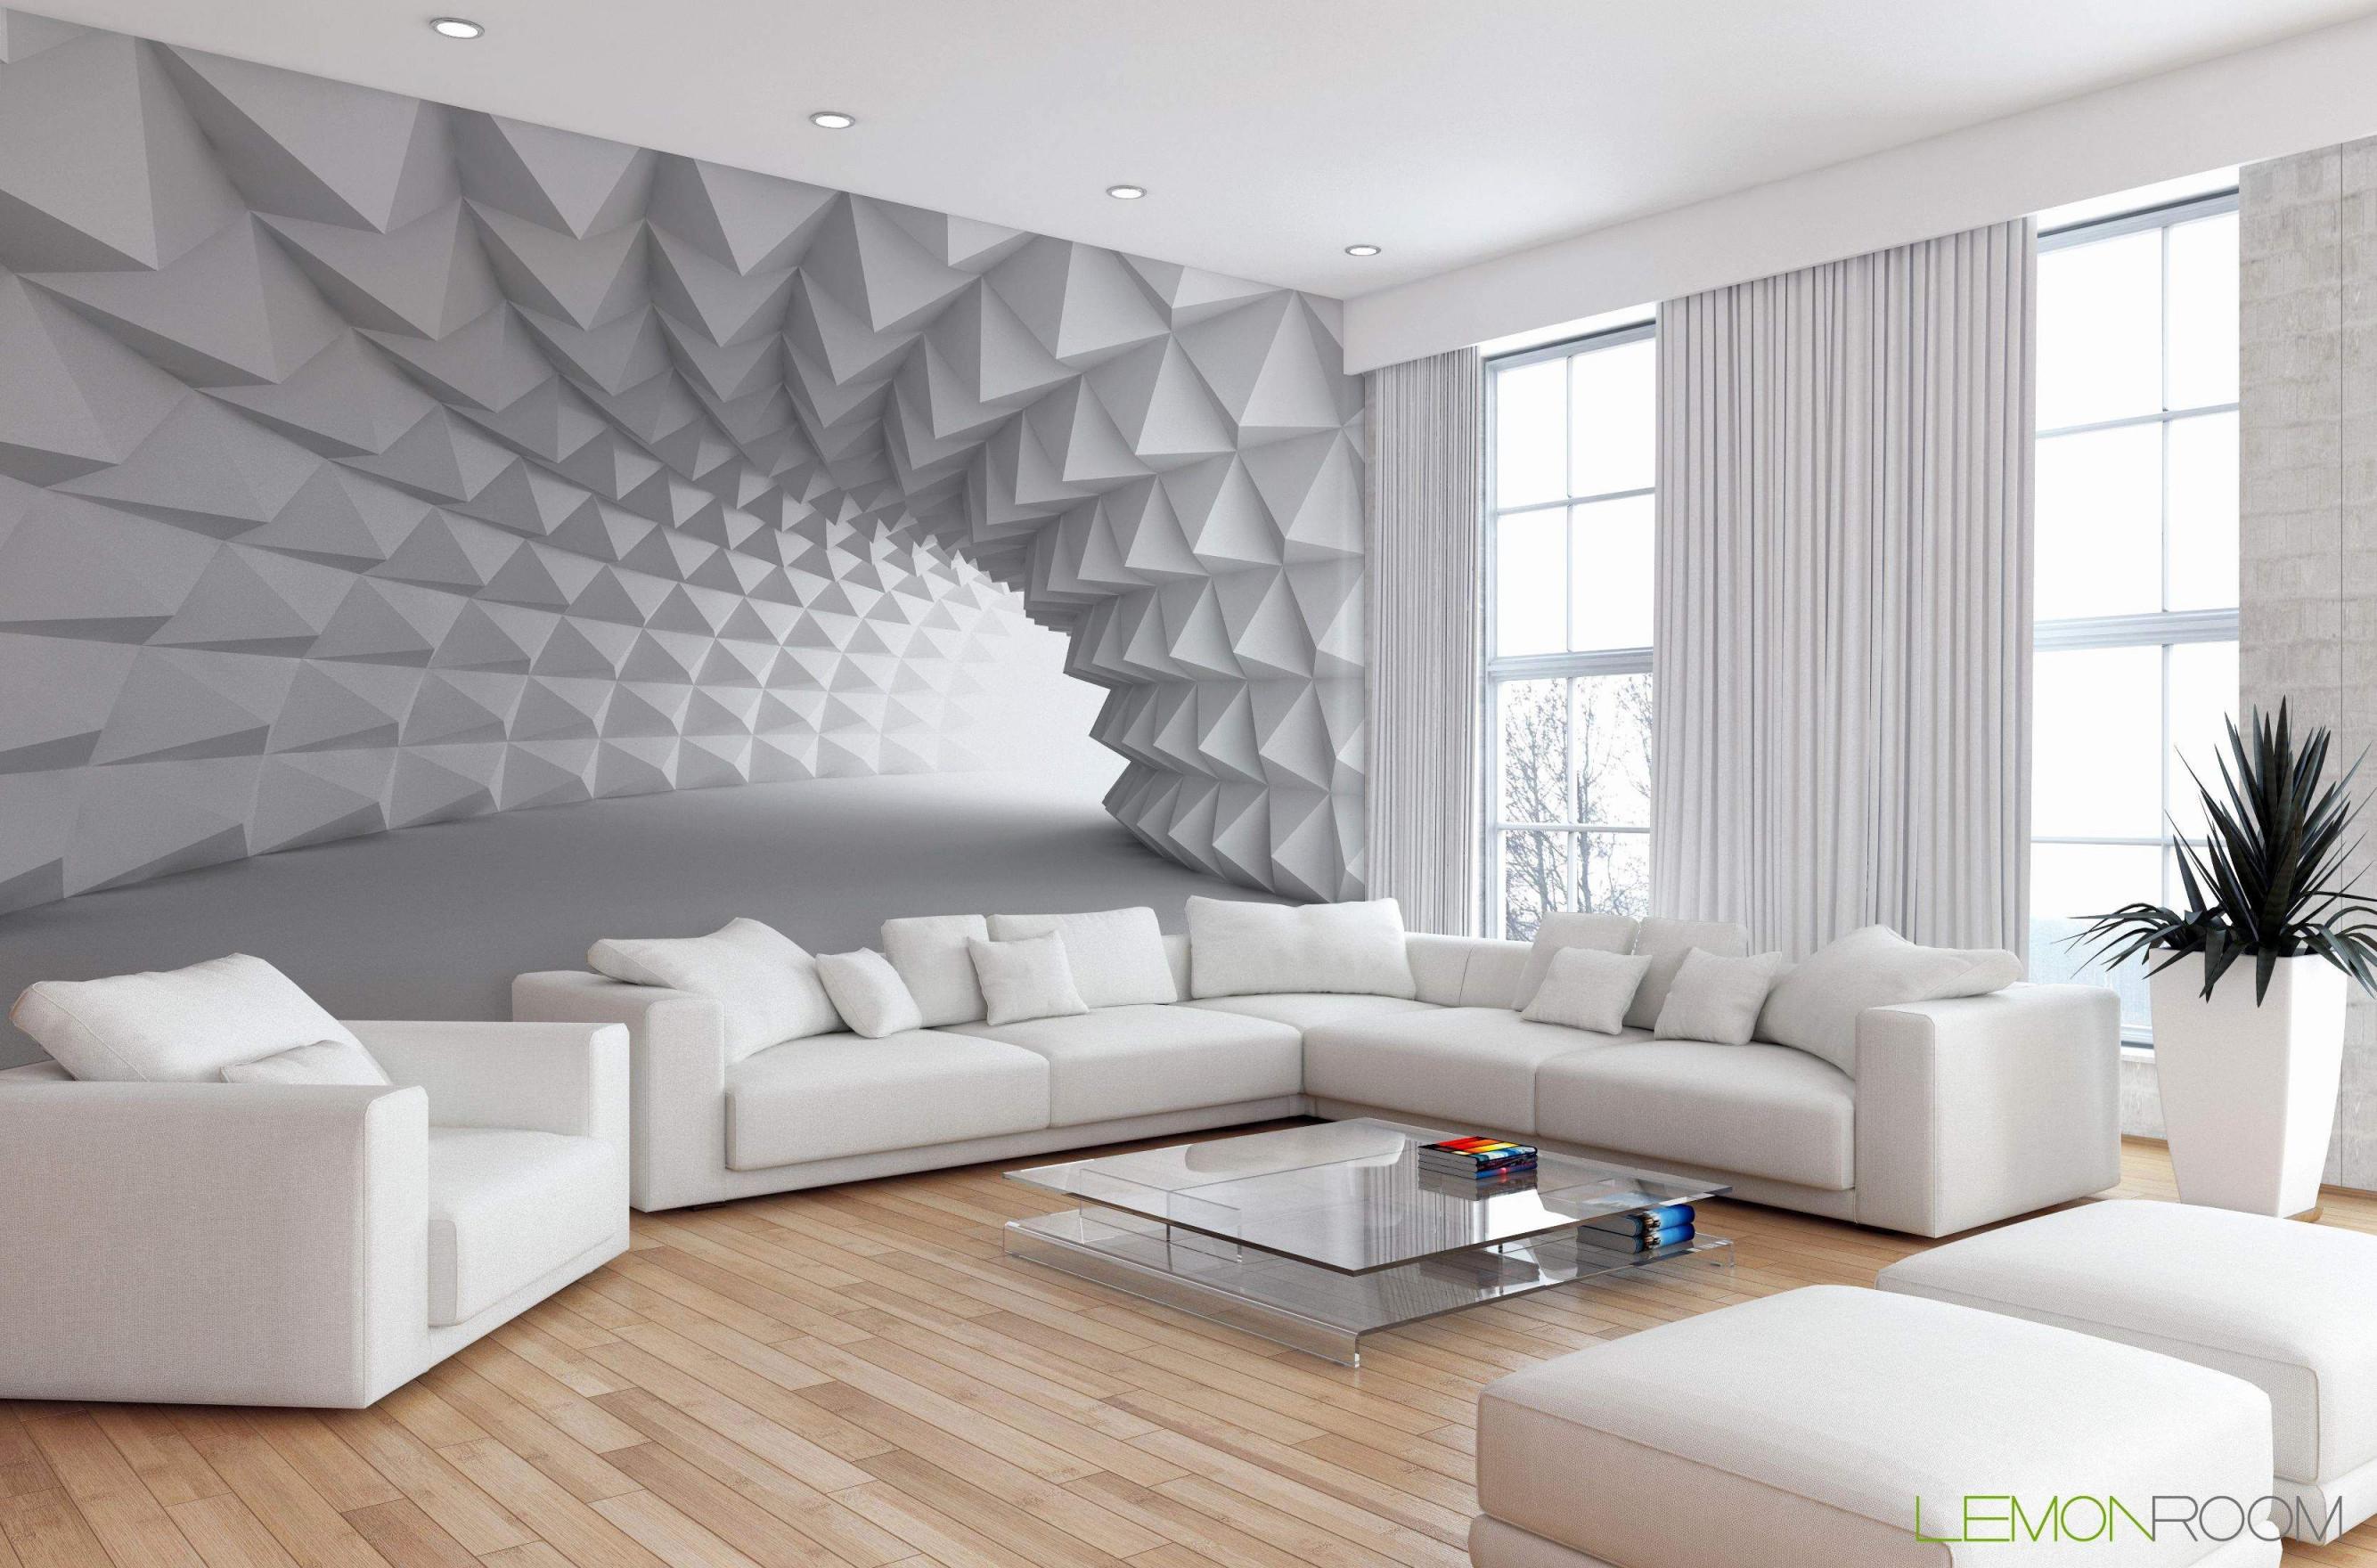 Moderne Wohnzimmer Tapeten Schön 31 Inspirierend Moderne von Tapeten Modern Wohnzimmer Photo